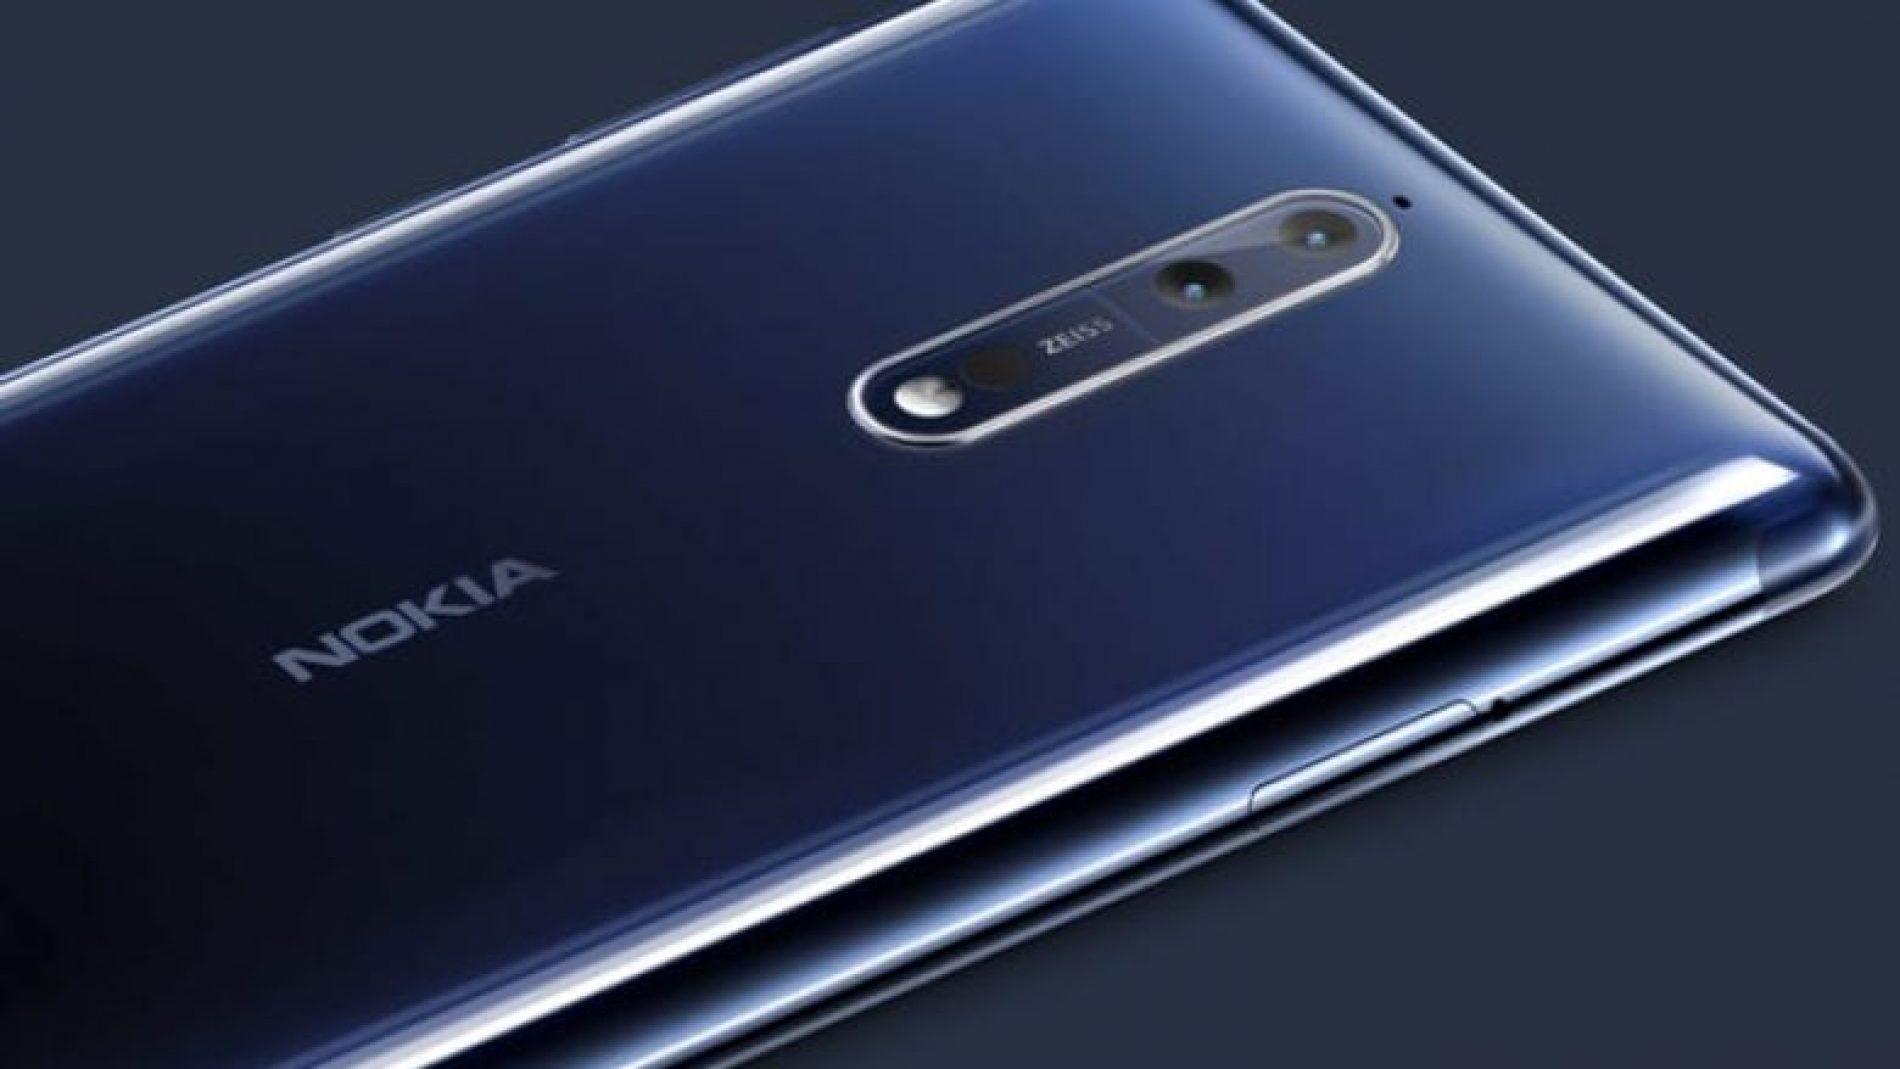 Nokia po rikthehet, shet telefona më shumë se HTC, Sony, Google dhe rivalët tjerë